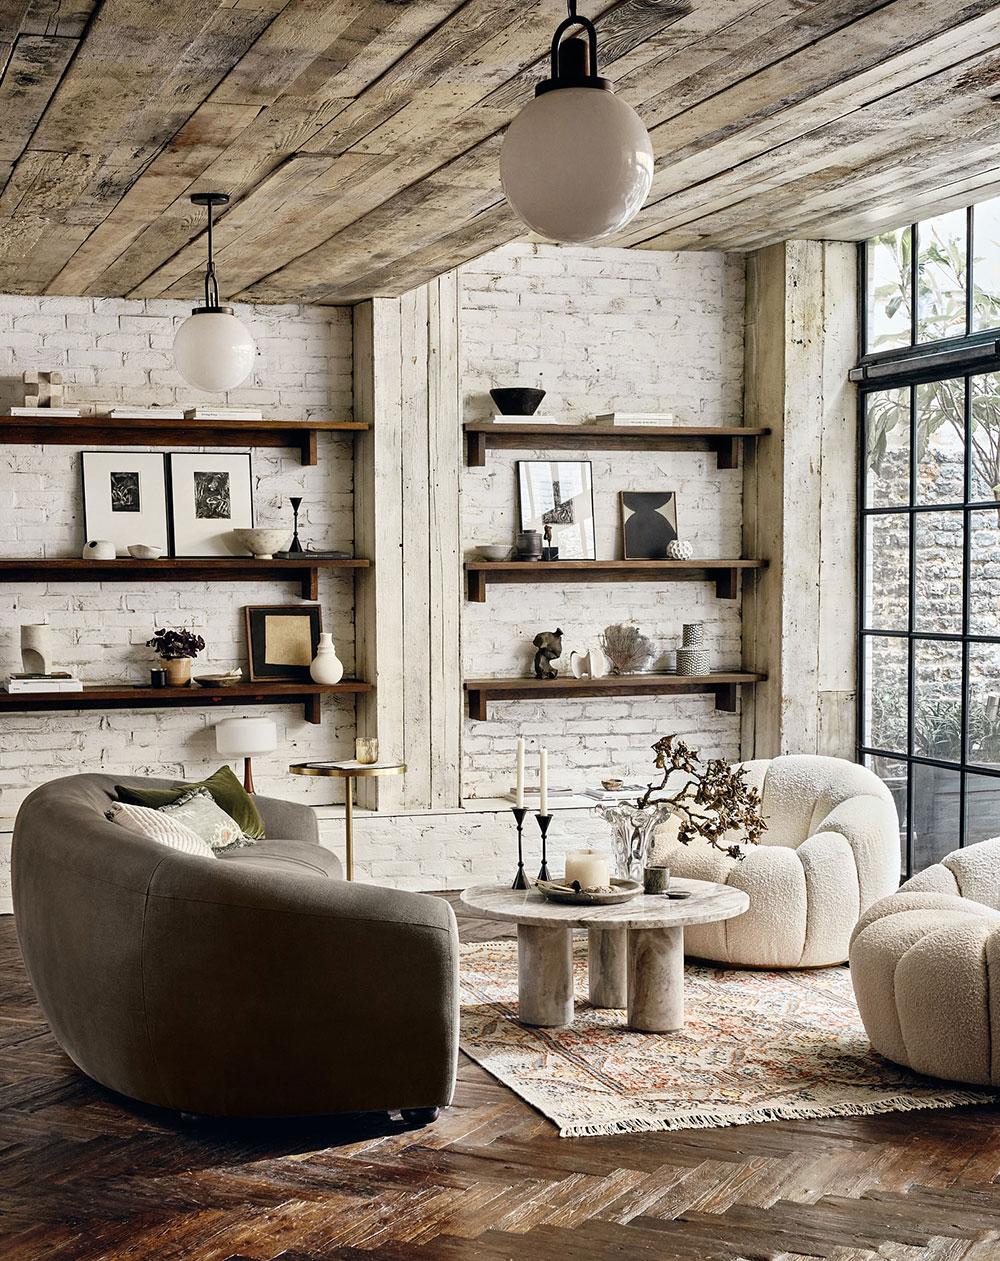 Жизнь в стиле Сохо: модный дизайн от основателей частного клуба Soho House в Англии